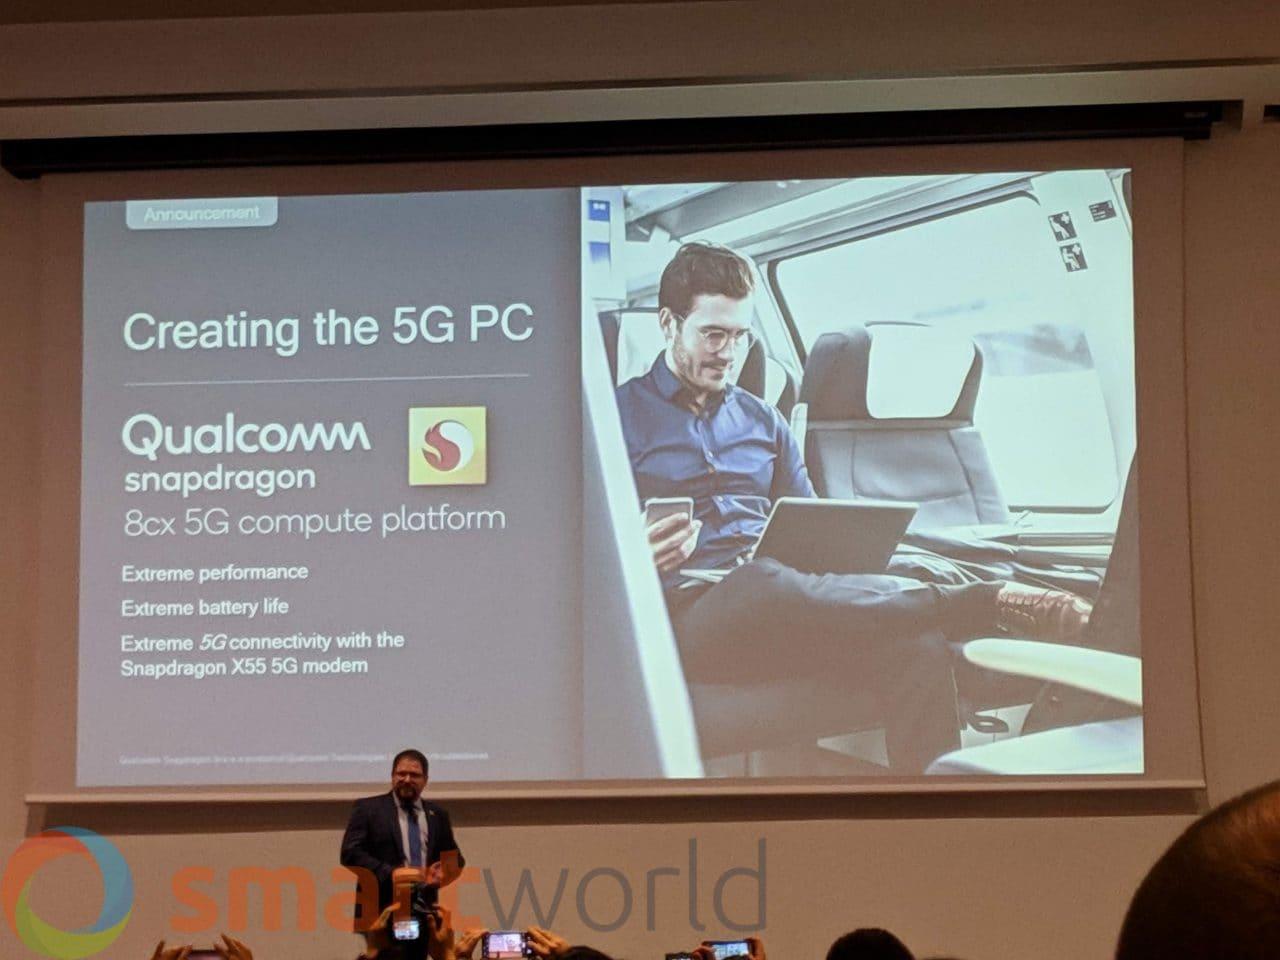 Il 5G sarà la svolta anche per i PC Windows sempre connessi? Ecco la nuova piattaforma di Qualcomm (foto)